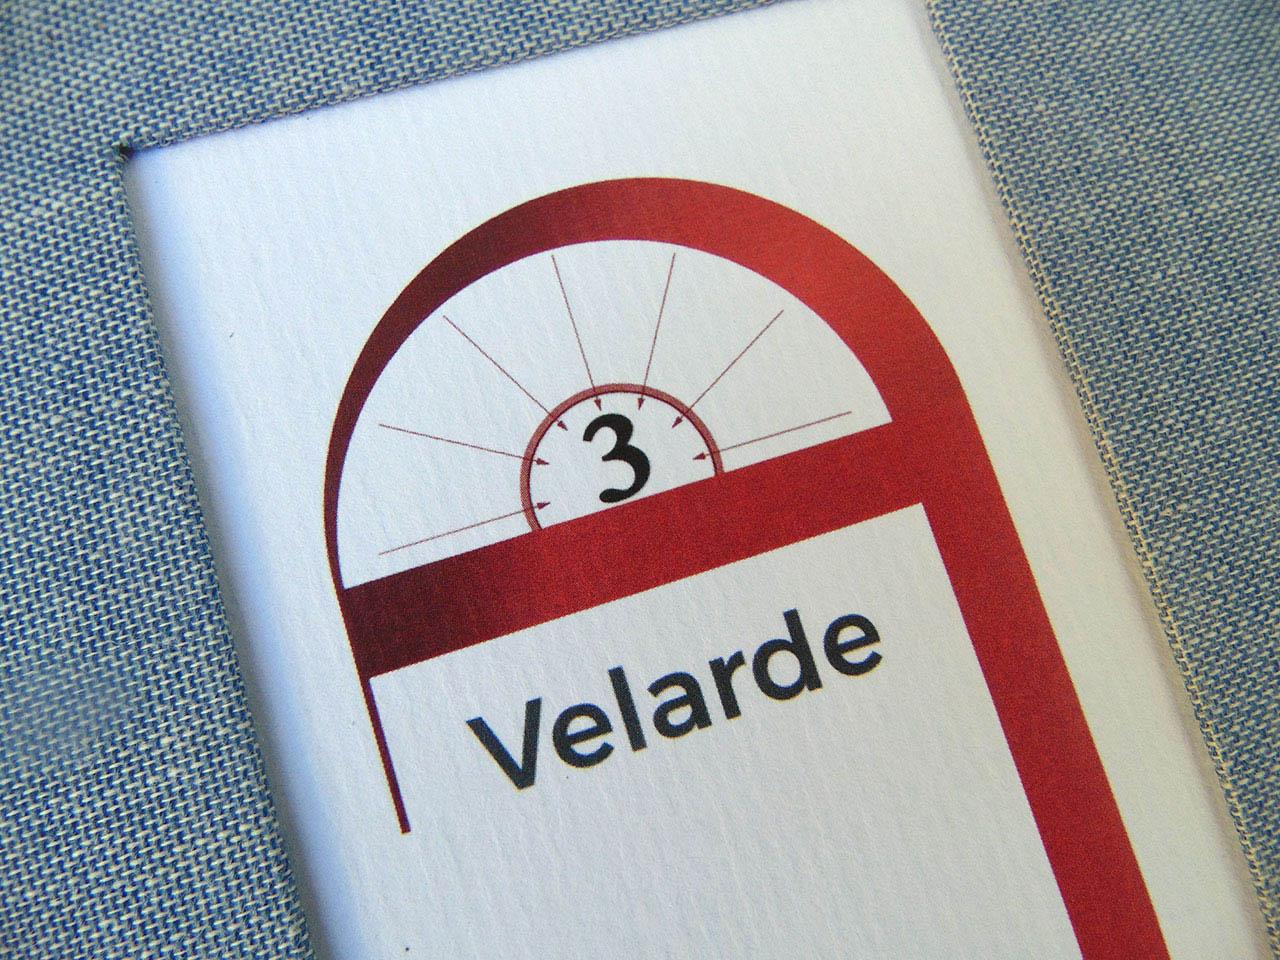 Logotipo Velarde 3 <br>en bajorelieve